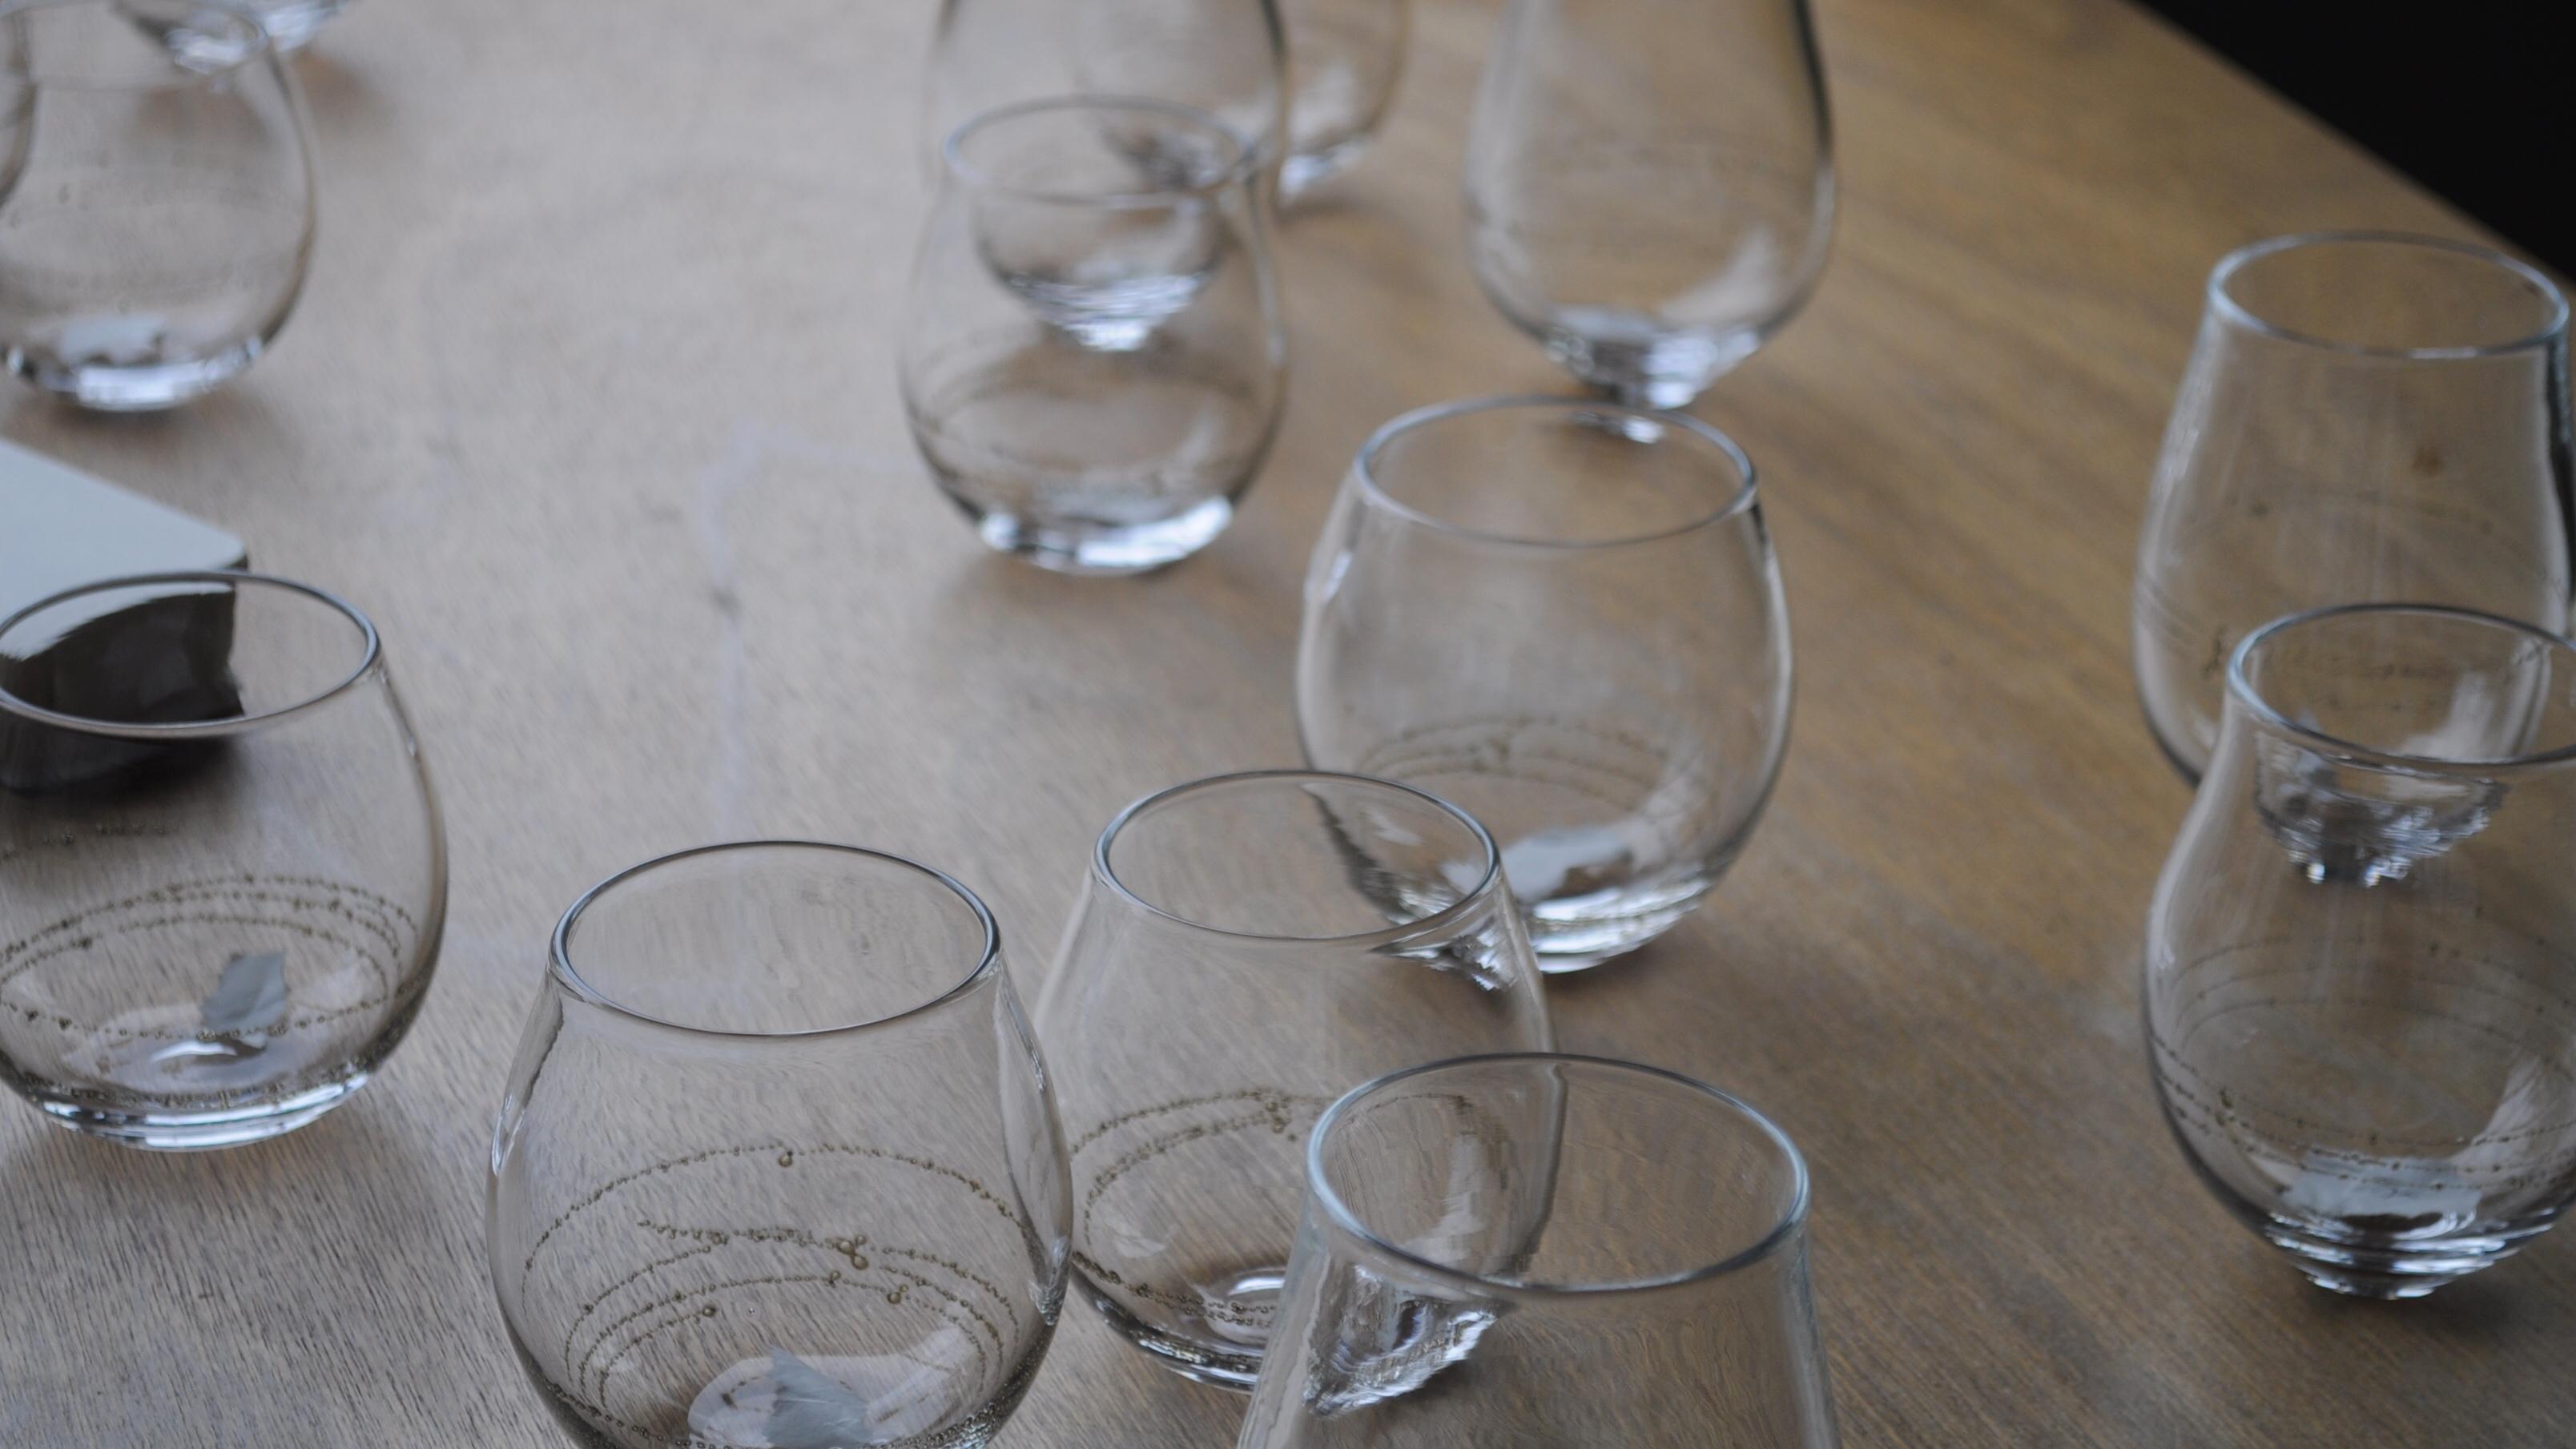 【入荷のお知らせ】曽田伸子さんのグラス